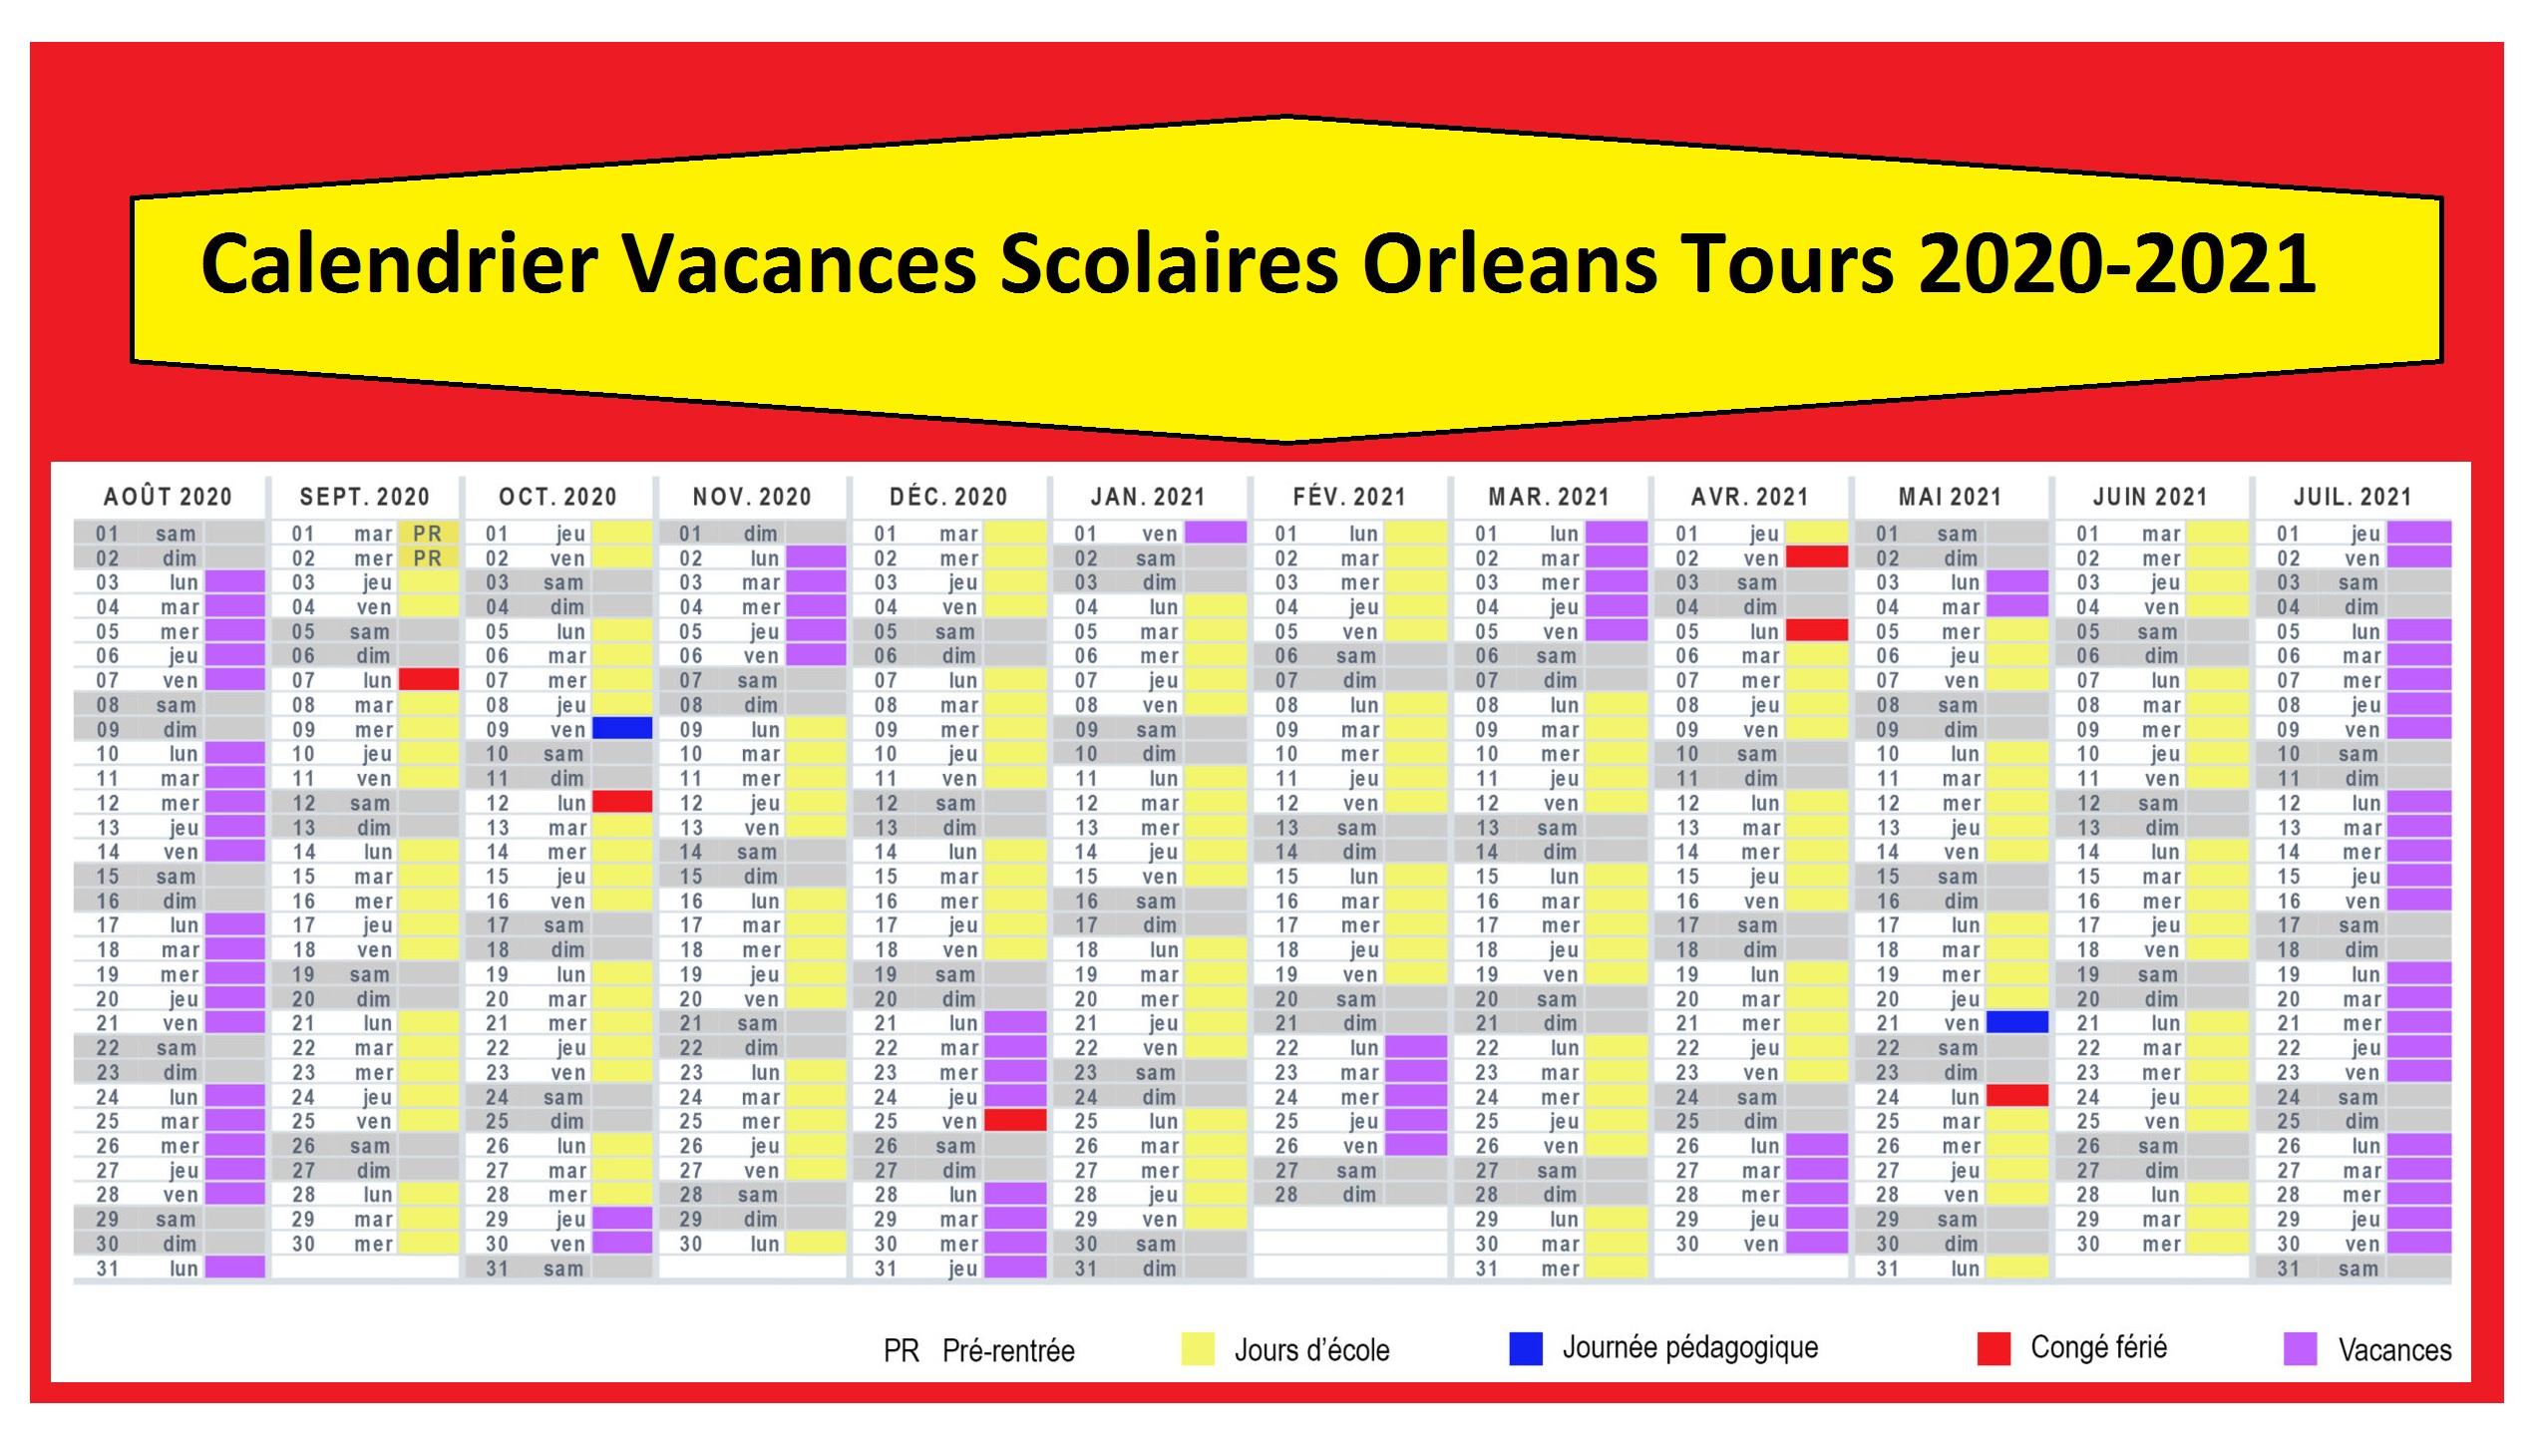 Dates Des Calendrier Vacances Scolaires Orleans Tours 2020